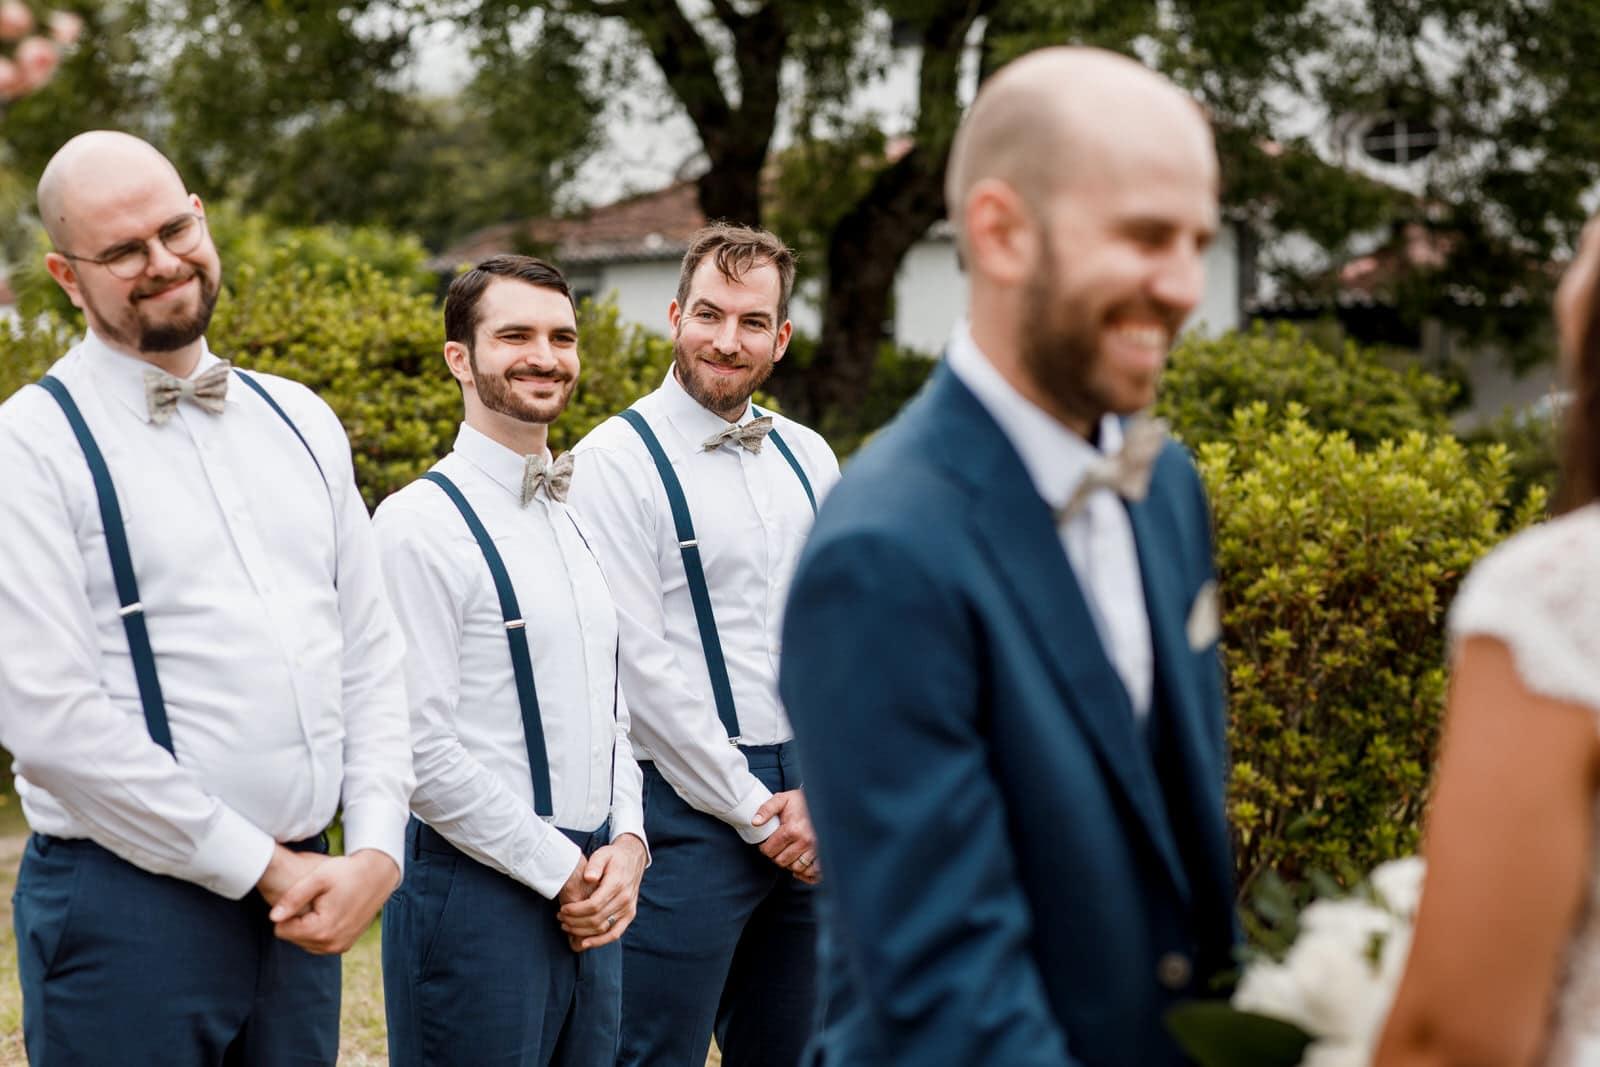 groomsmen behind groom